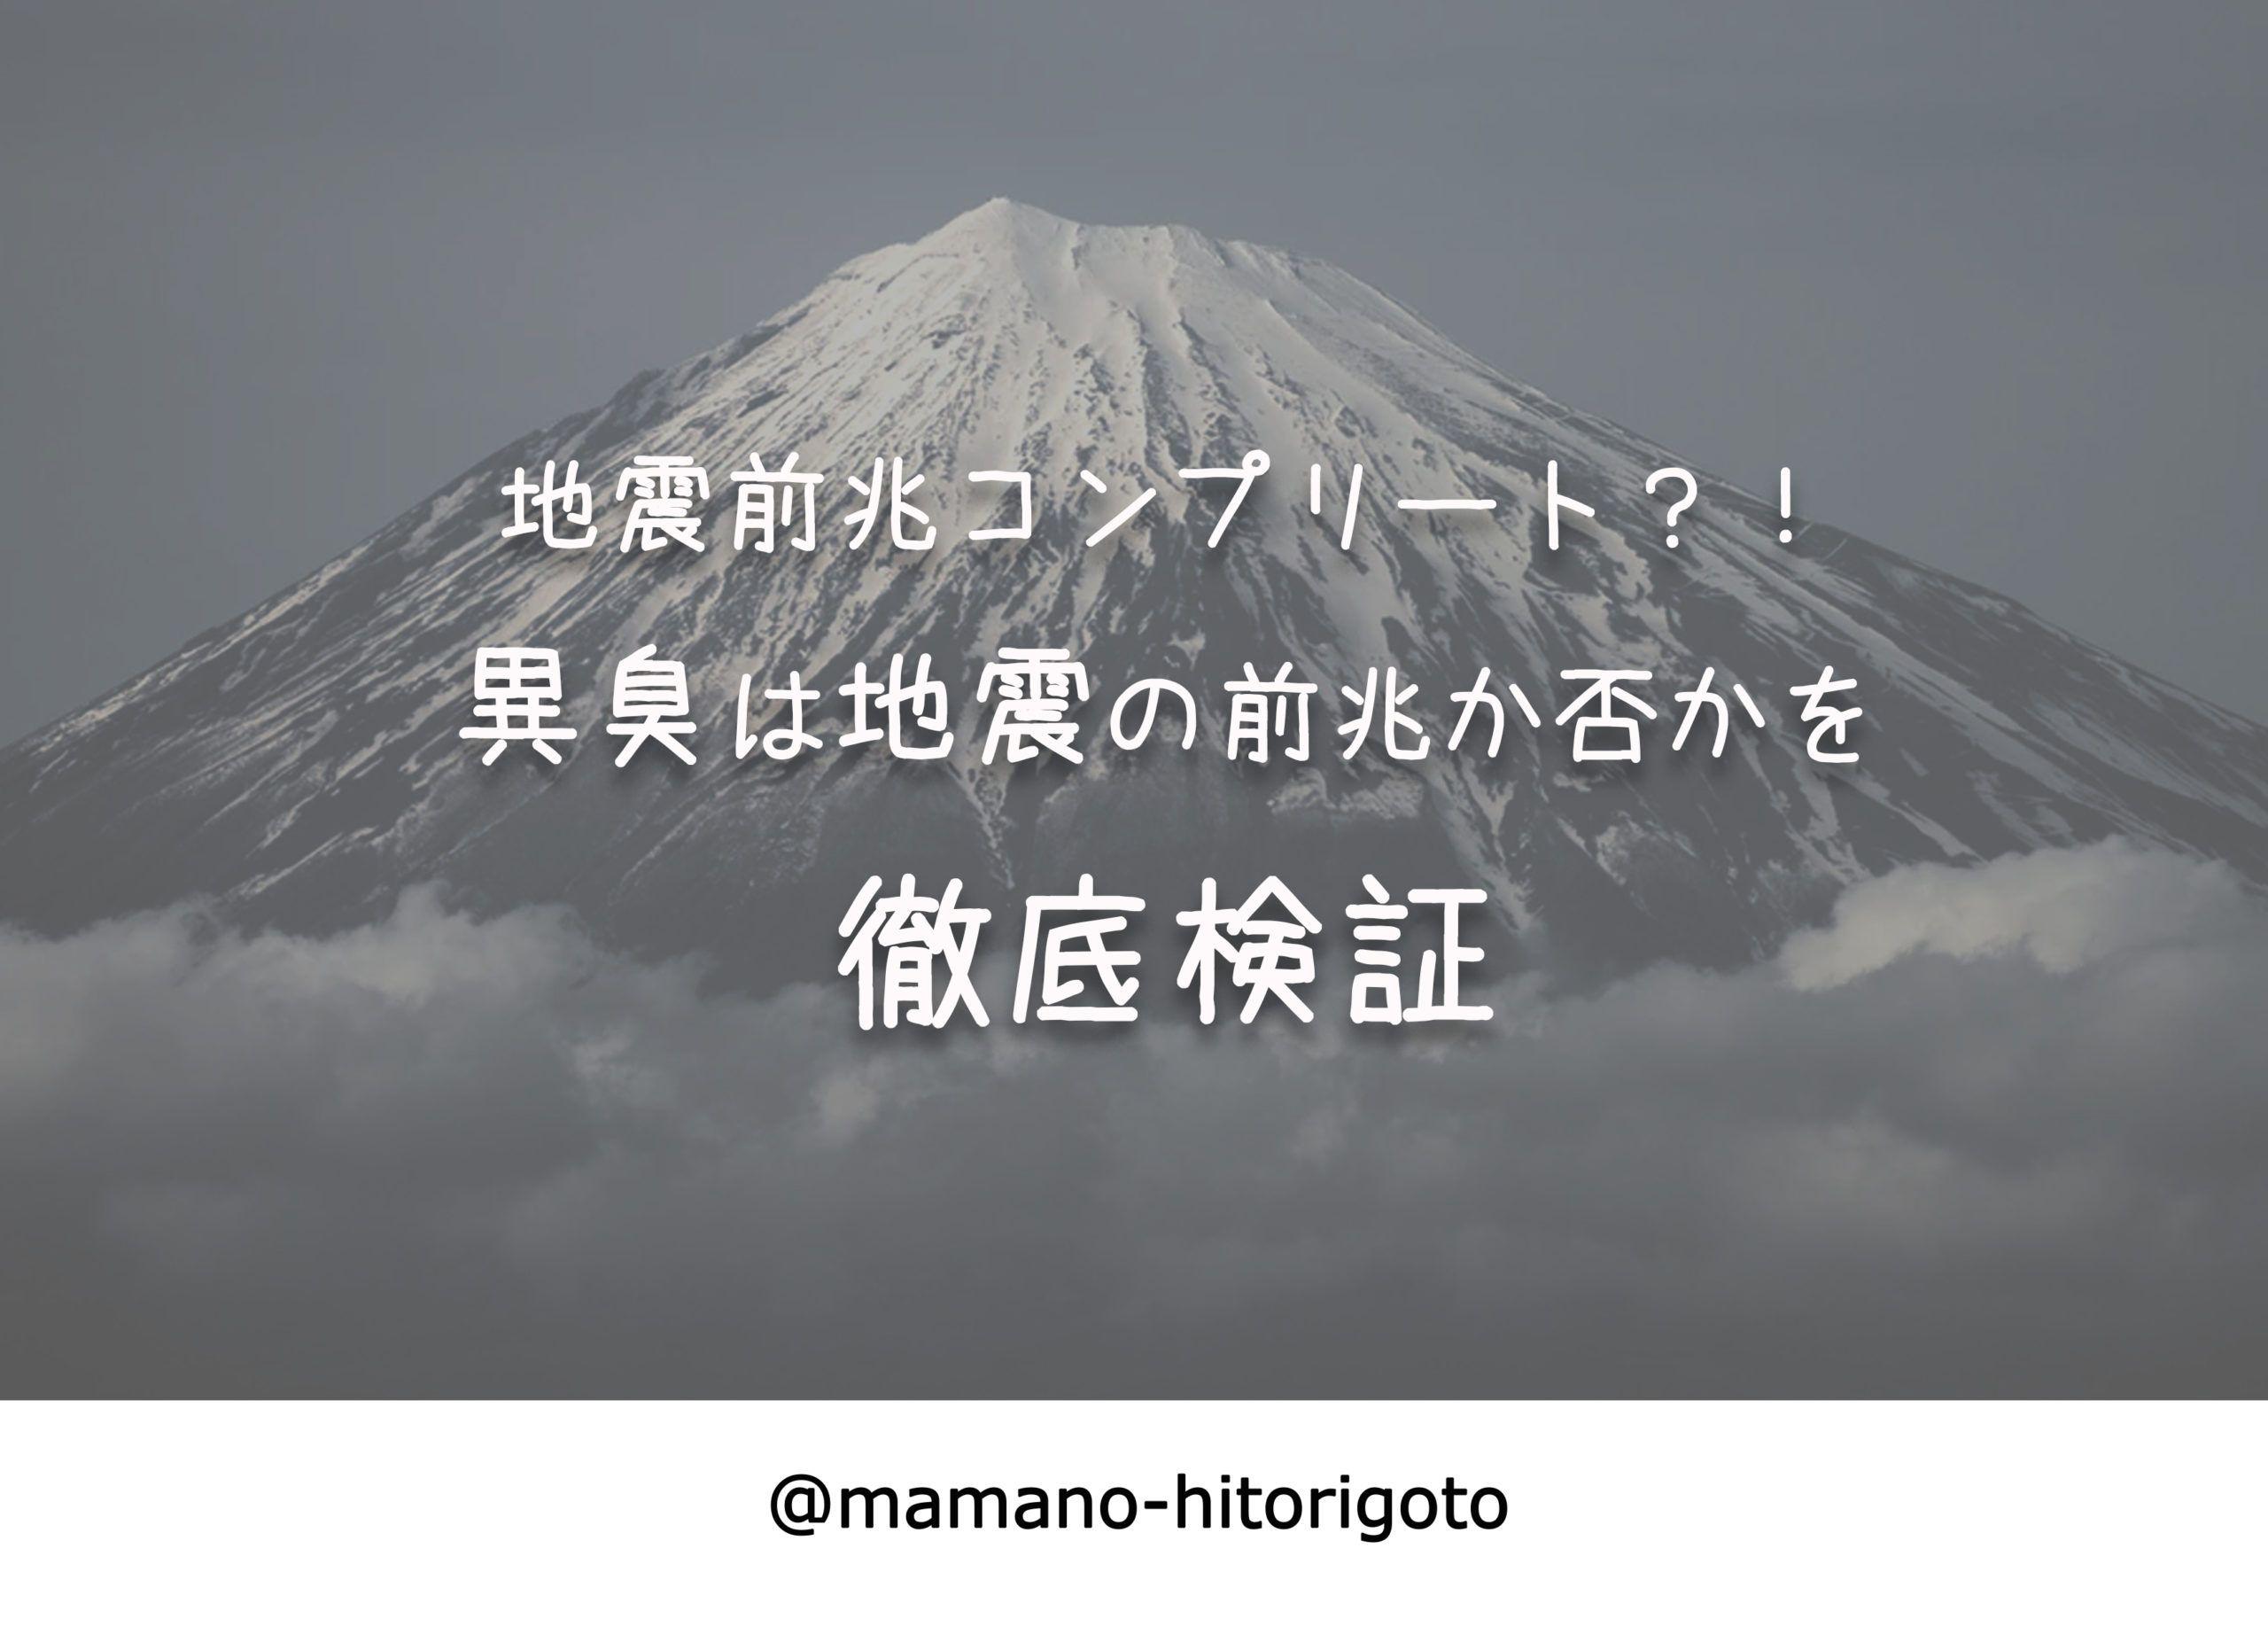 世間を騒がせている横浜 横須賀 千葉の異臭ですが 地震の前兆ではないかと大きく話題になっています この記事では地震の前兆肯定派 否定派の意見 両者の主張を取り上げて中立の立場で徹底検証してみました 2021 地震 阪神淡路大震災 国立国会図書館